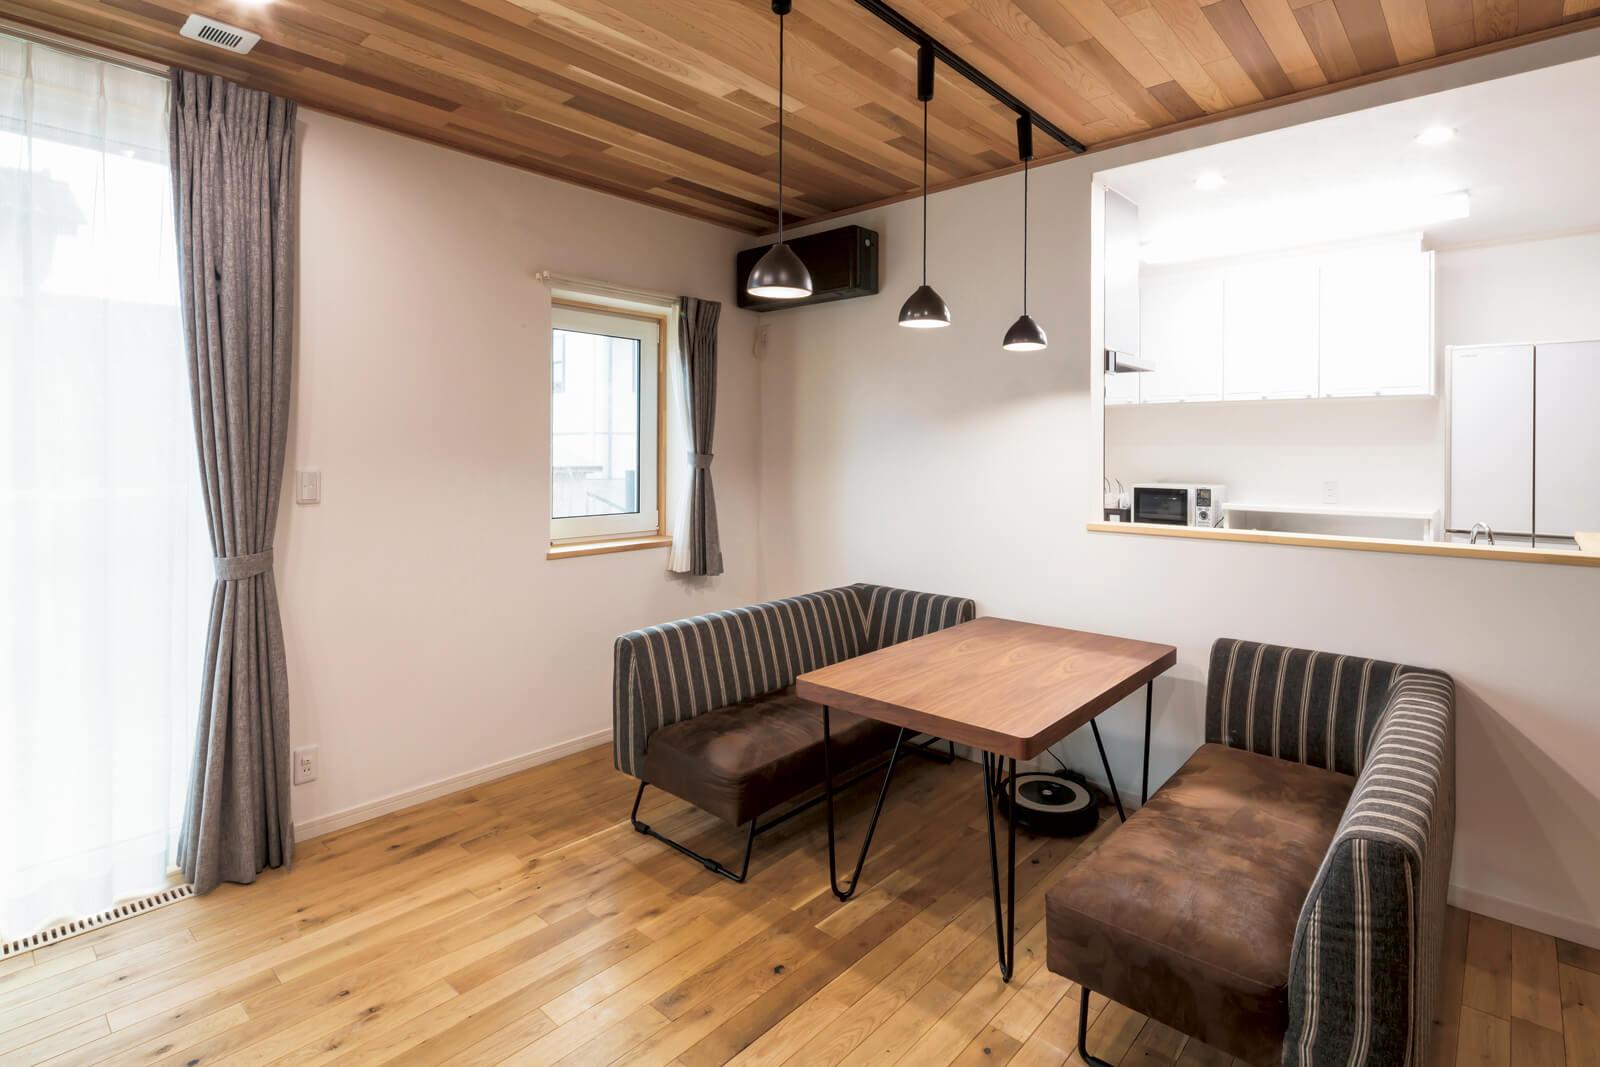 くつろぐためのソファと、食事のためのダイニング機能を併せ持つソファダイニングを置くことで、広々とした空間使いを実践